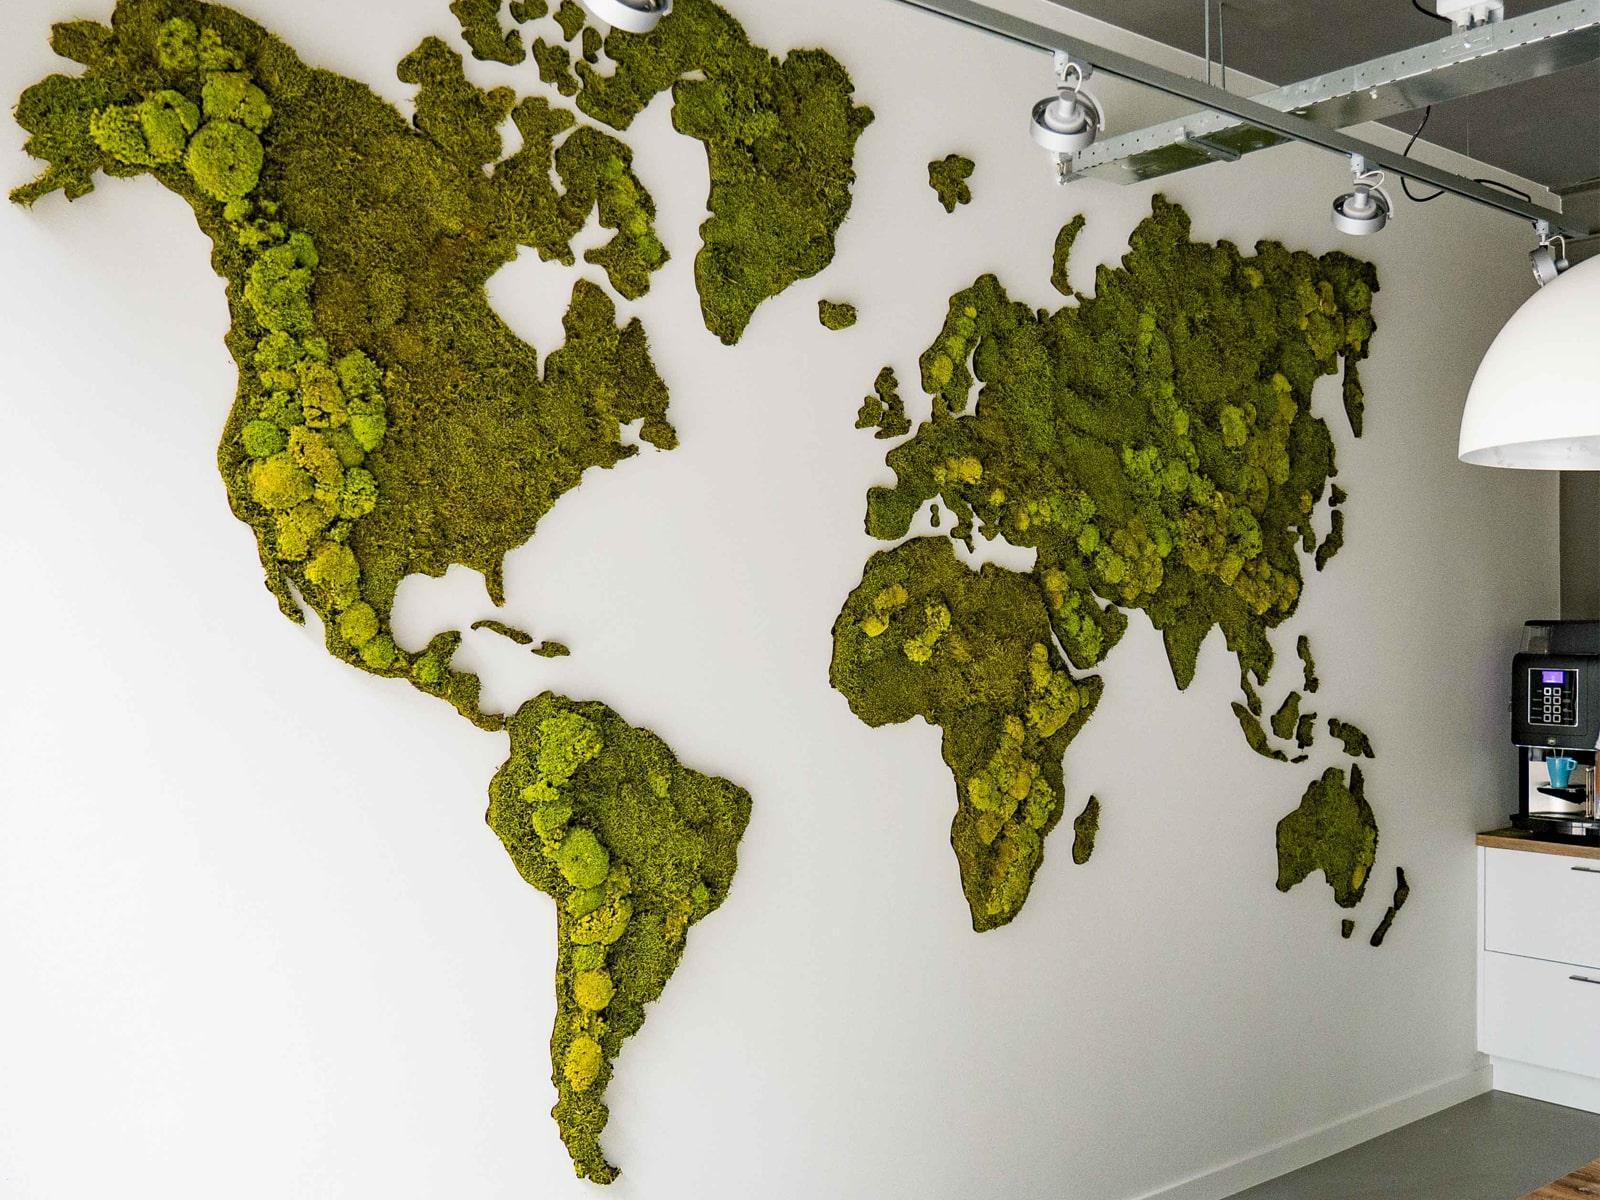 wereldkaart van mos tegen muur